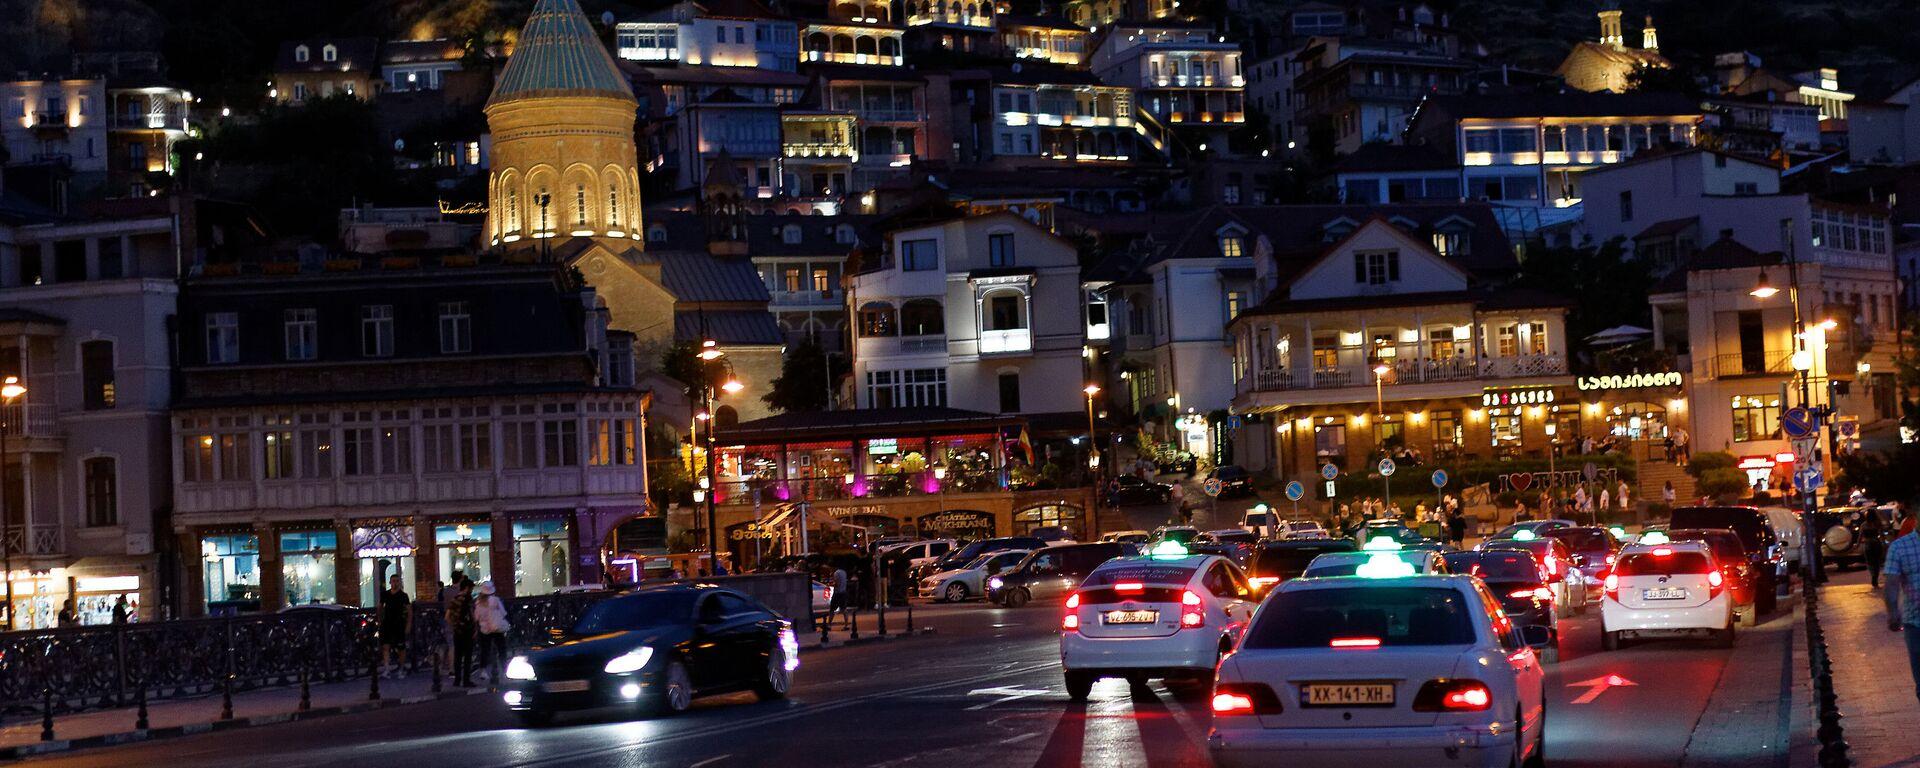 Вид на город Тбилиси ночью - Sputnik Грузия, 1920, 22.09.2021